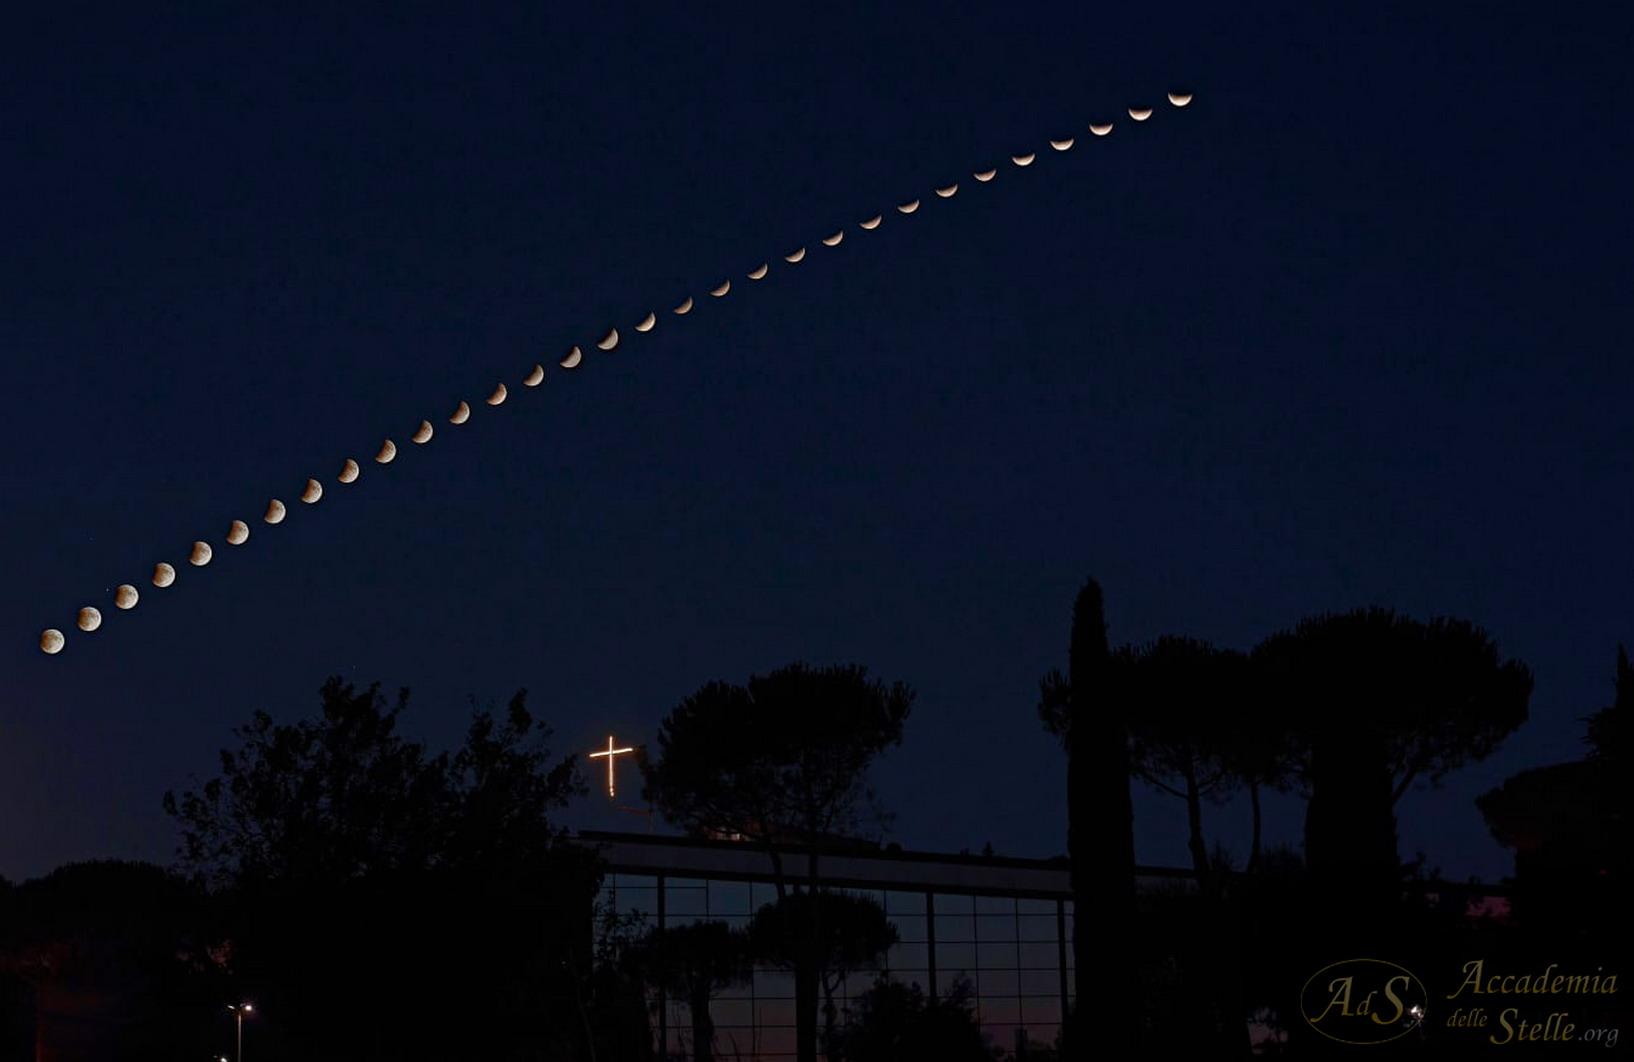 """La progressione dell'eclissi in una bellissima composizione di più scatti ripresi da Stefano Gobbo mentre la Luna sorgeva sopra al """"Santuario Nuovo"""" del Divino Amore."""